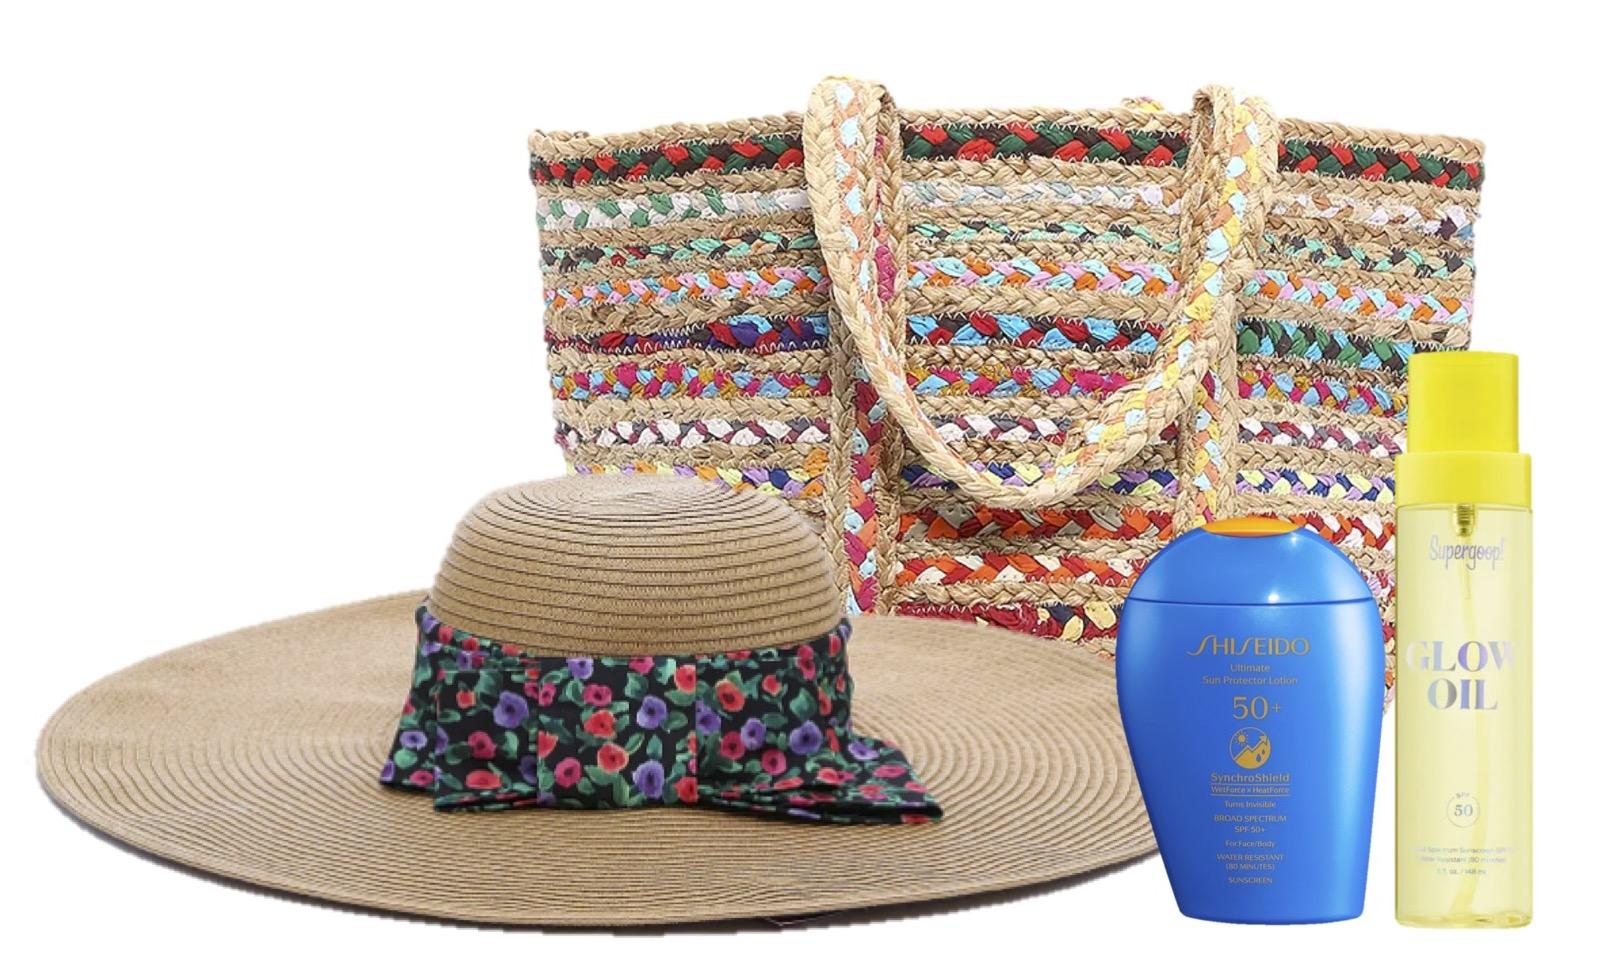 esenciales de verano, playa, shiseido, supergoop